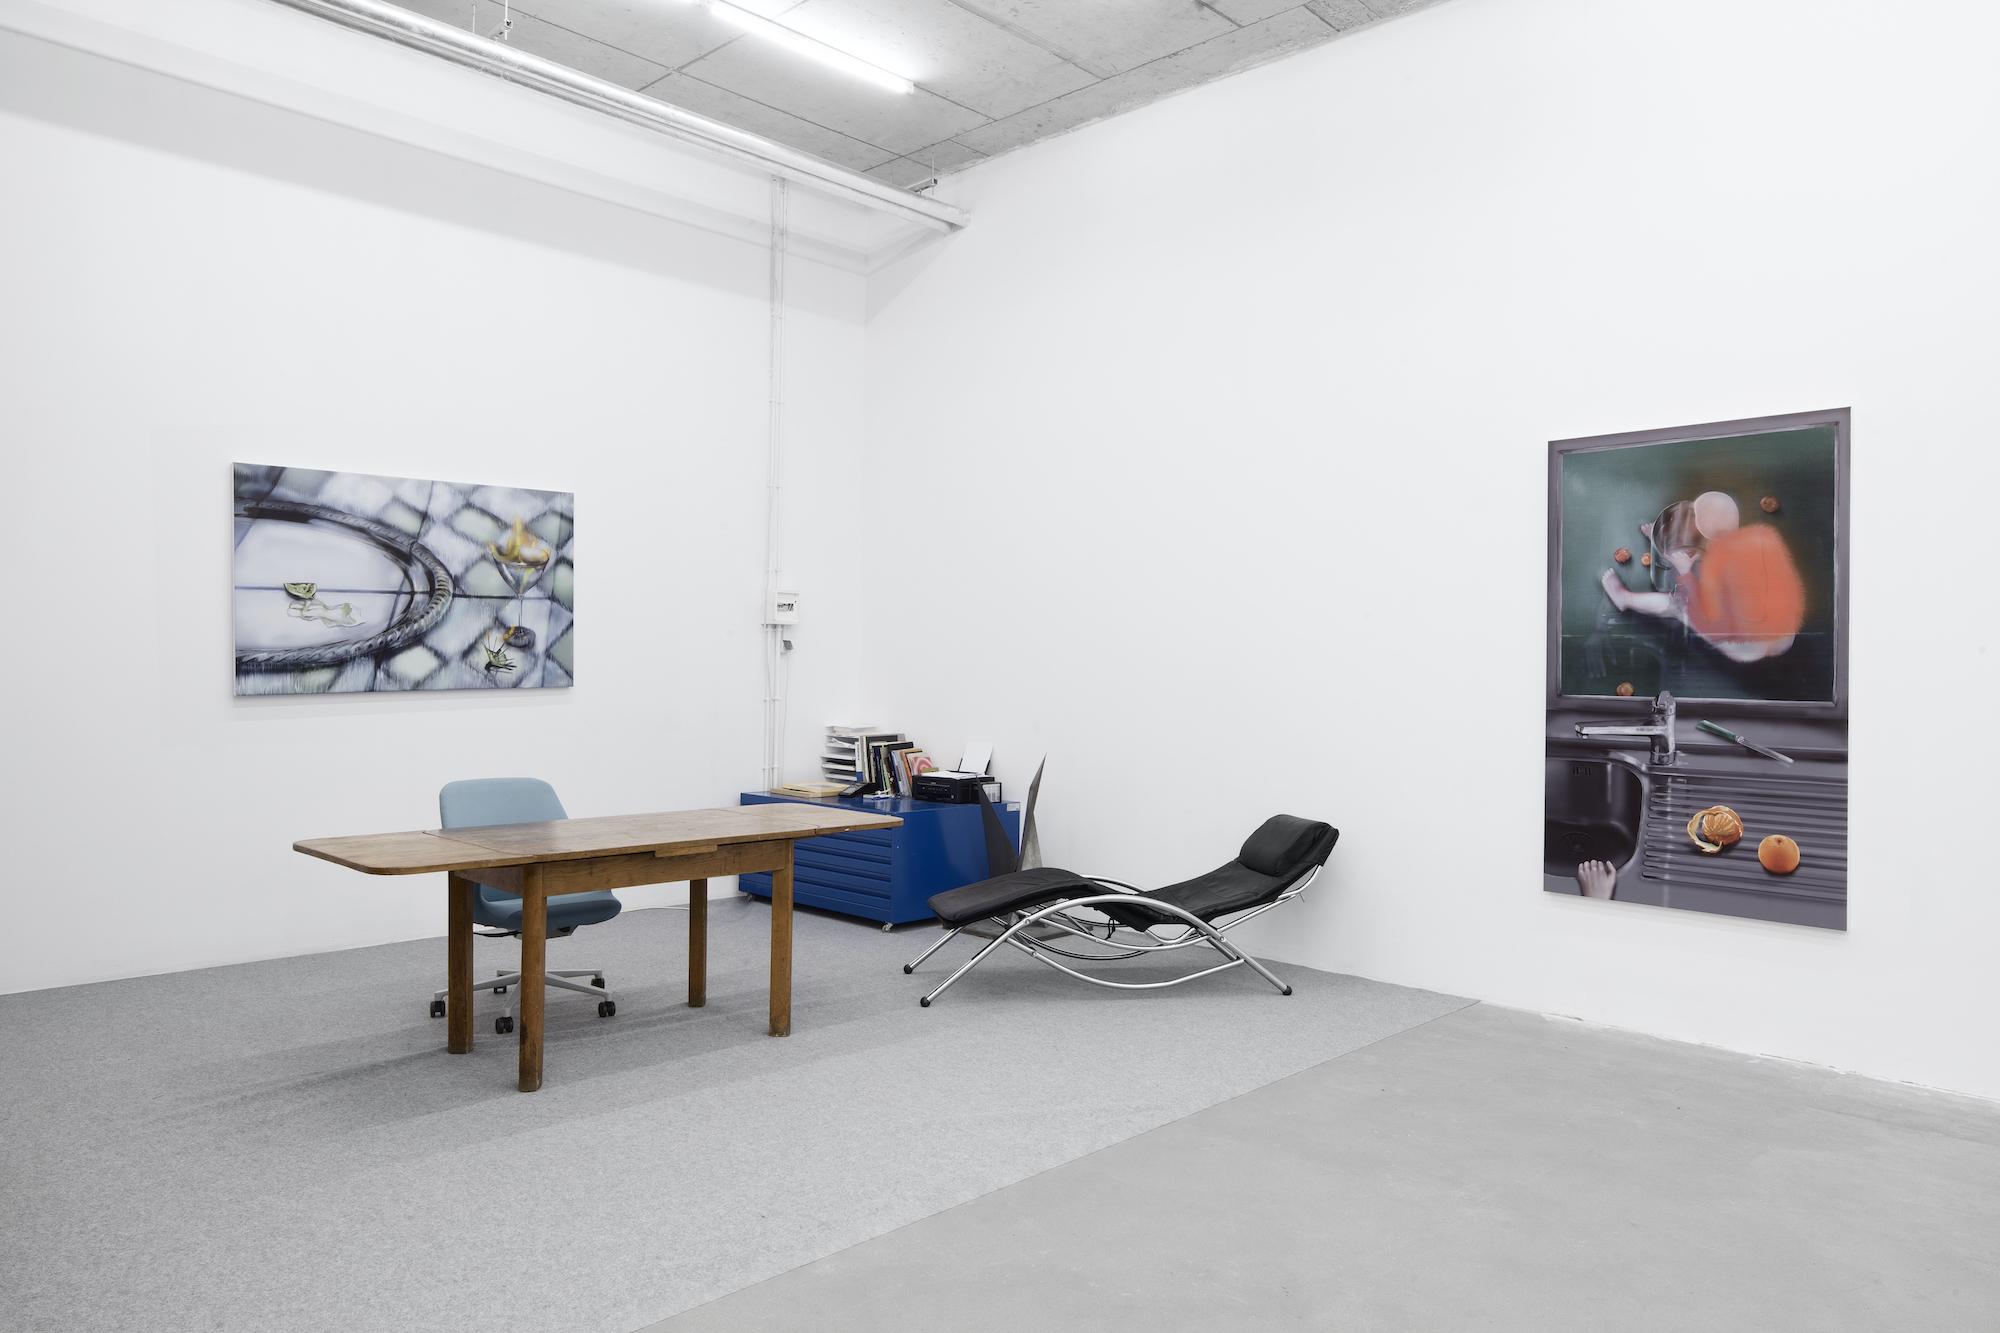 Installation view, Louisa Gagliardi at Dawid Radziszewski Gallery, images courtesy of Dawid Radziszewski Gallery